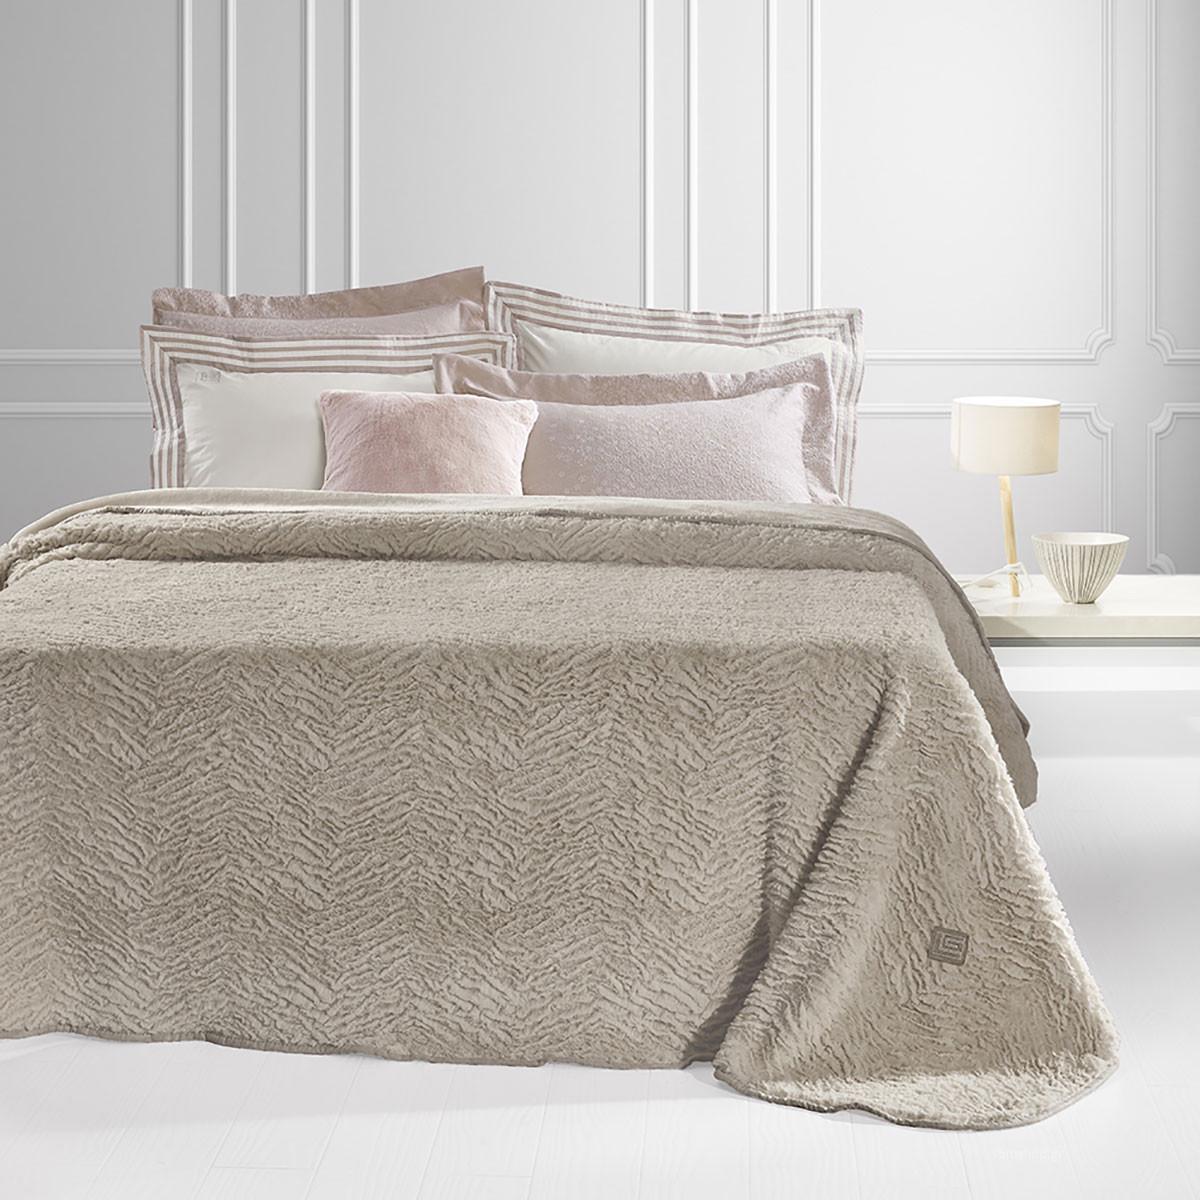 Κουβέρτα Γούνινη Υπέρδιπλη Guy Laroche Nordic Camel home   κρεβατοκάμαρα   κουβέρτες   κουβέρτες γούνινες   μάλλινες